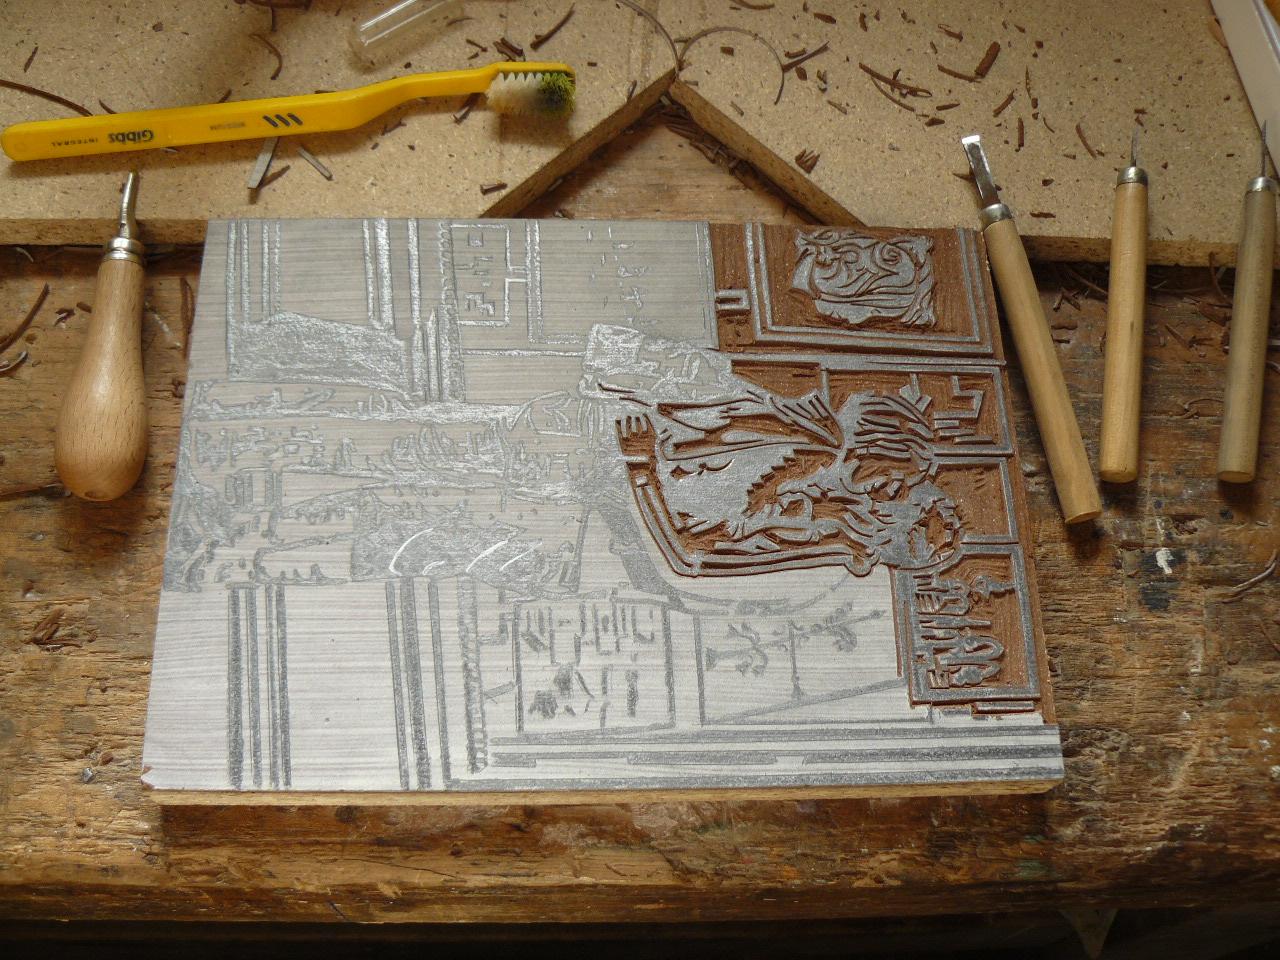 techniques de linogravure gravure sur linoleum et gravure. Black Bedroom Furniture Sets. Home Design Ideas